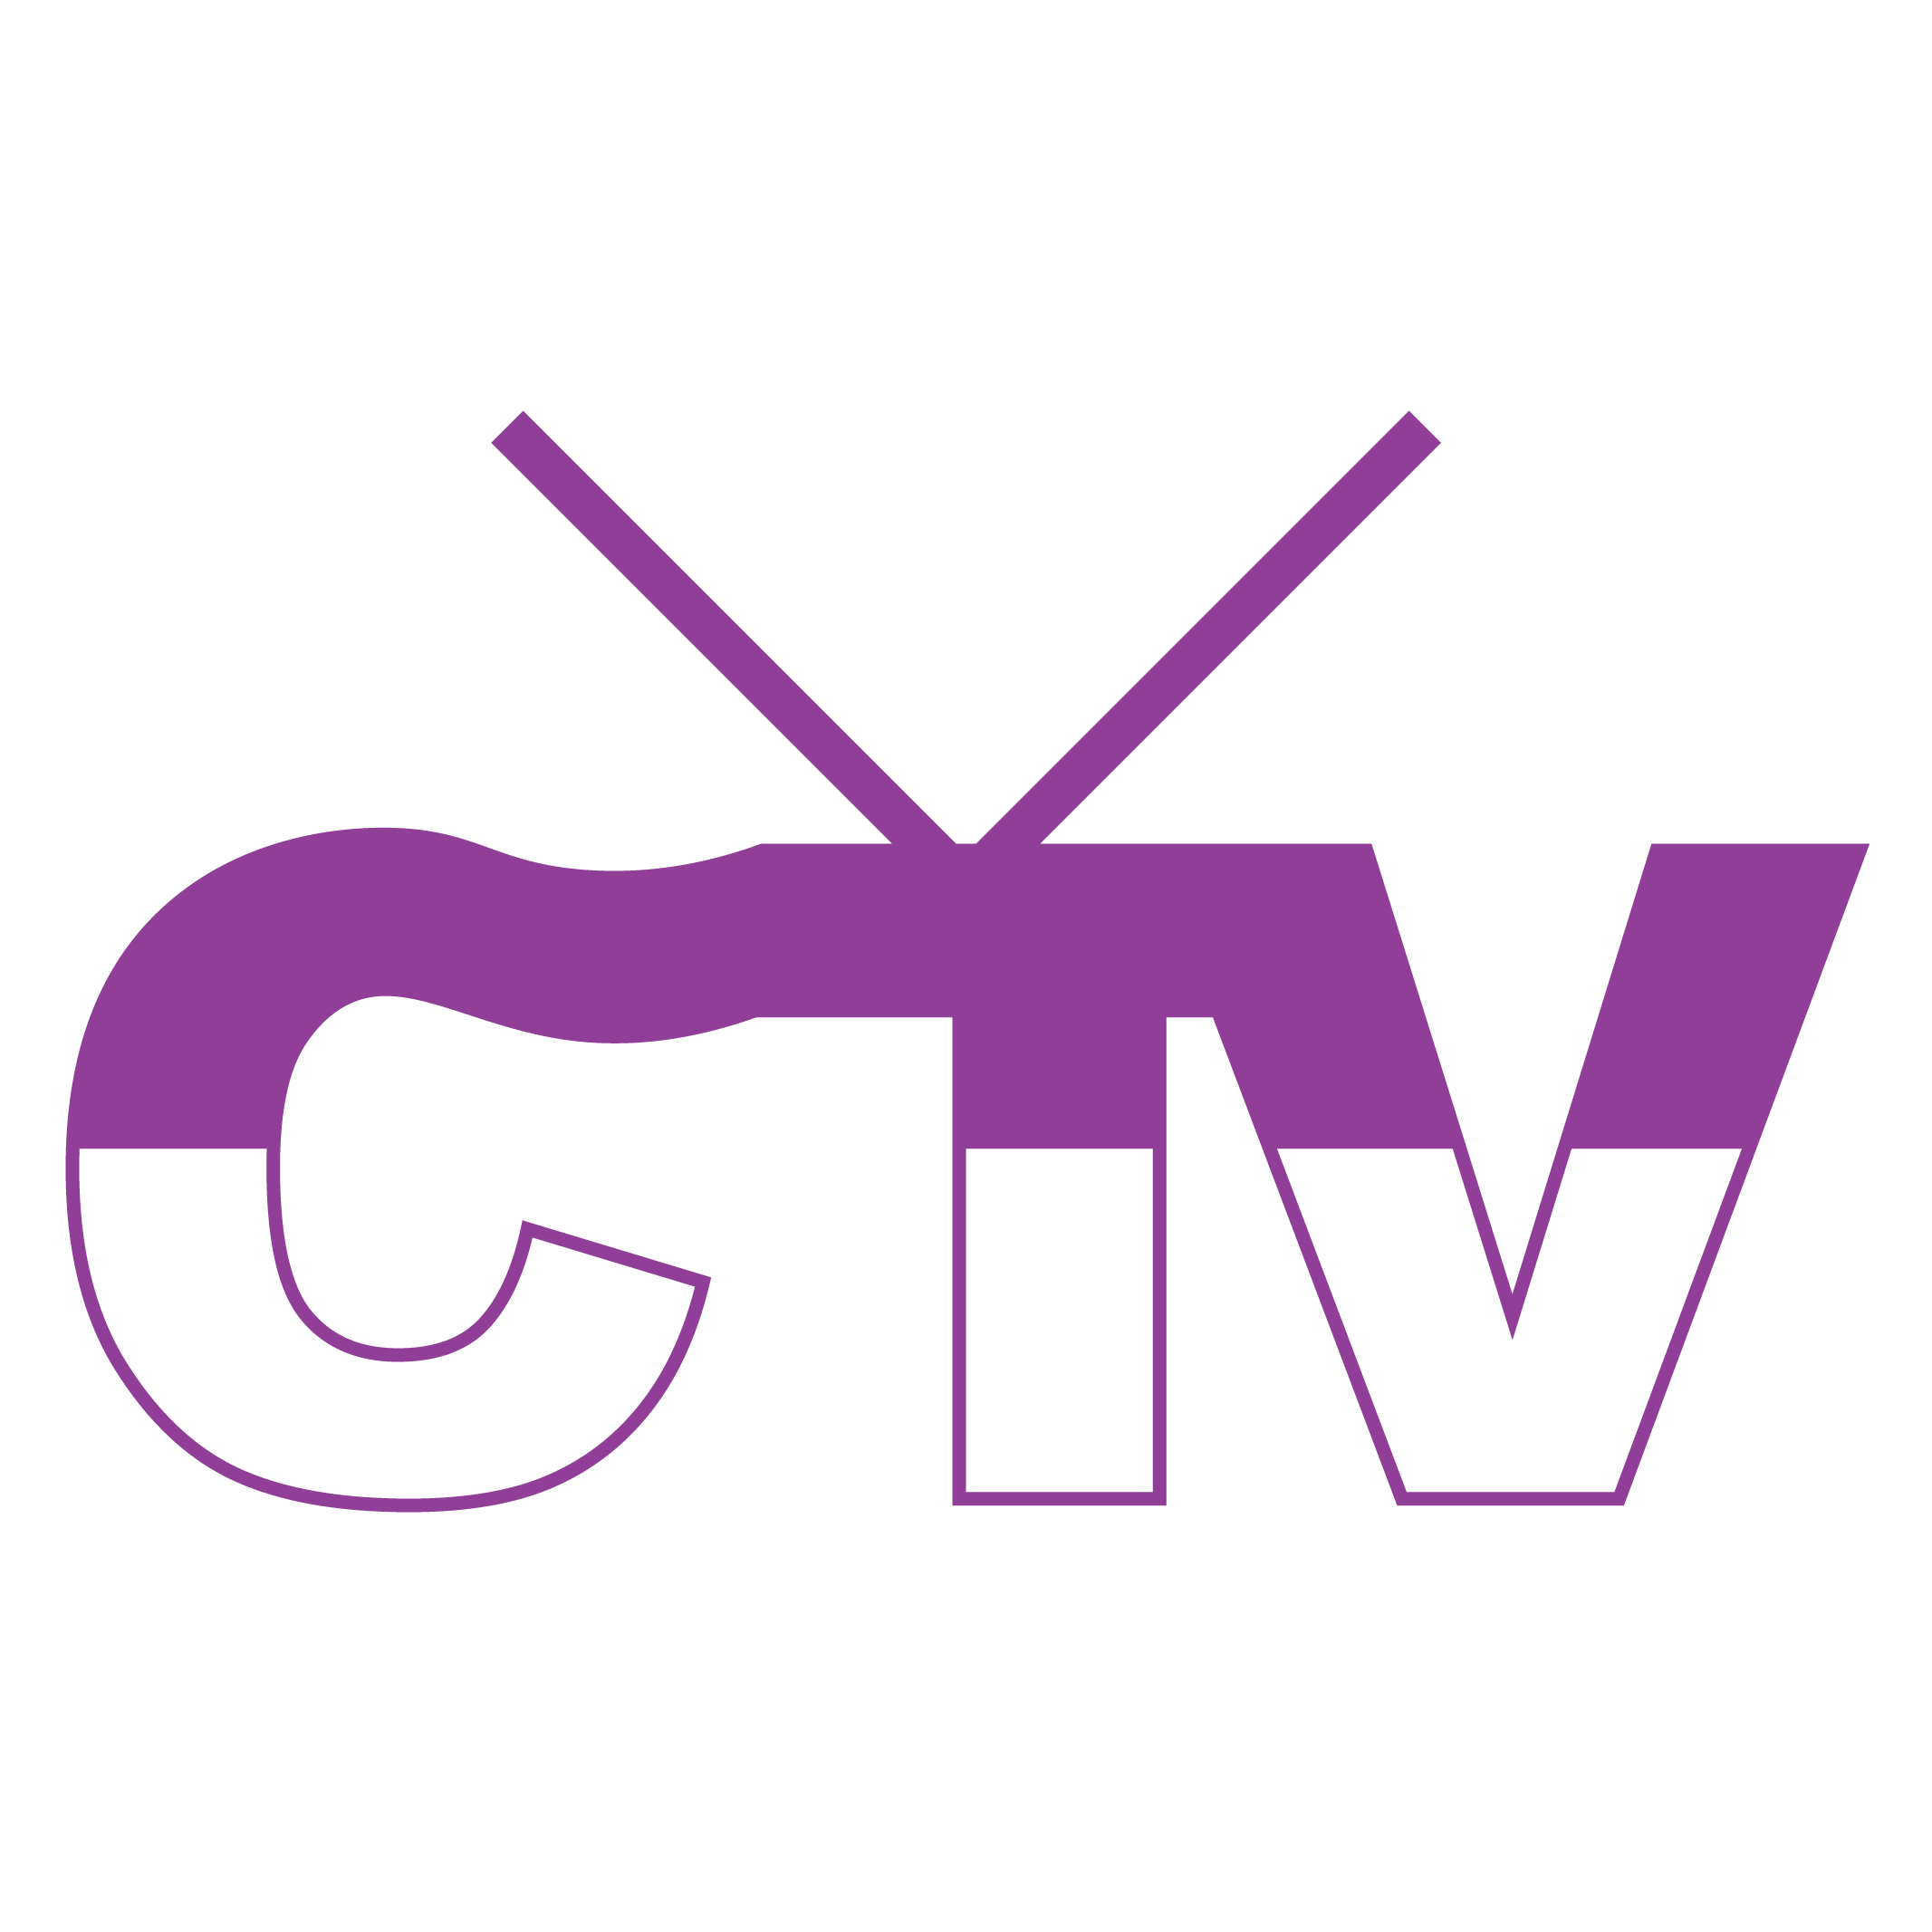 cumulus tv_app icon